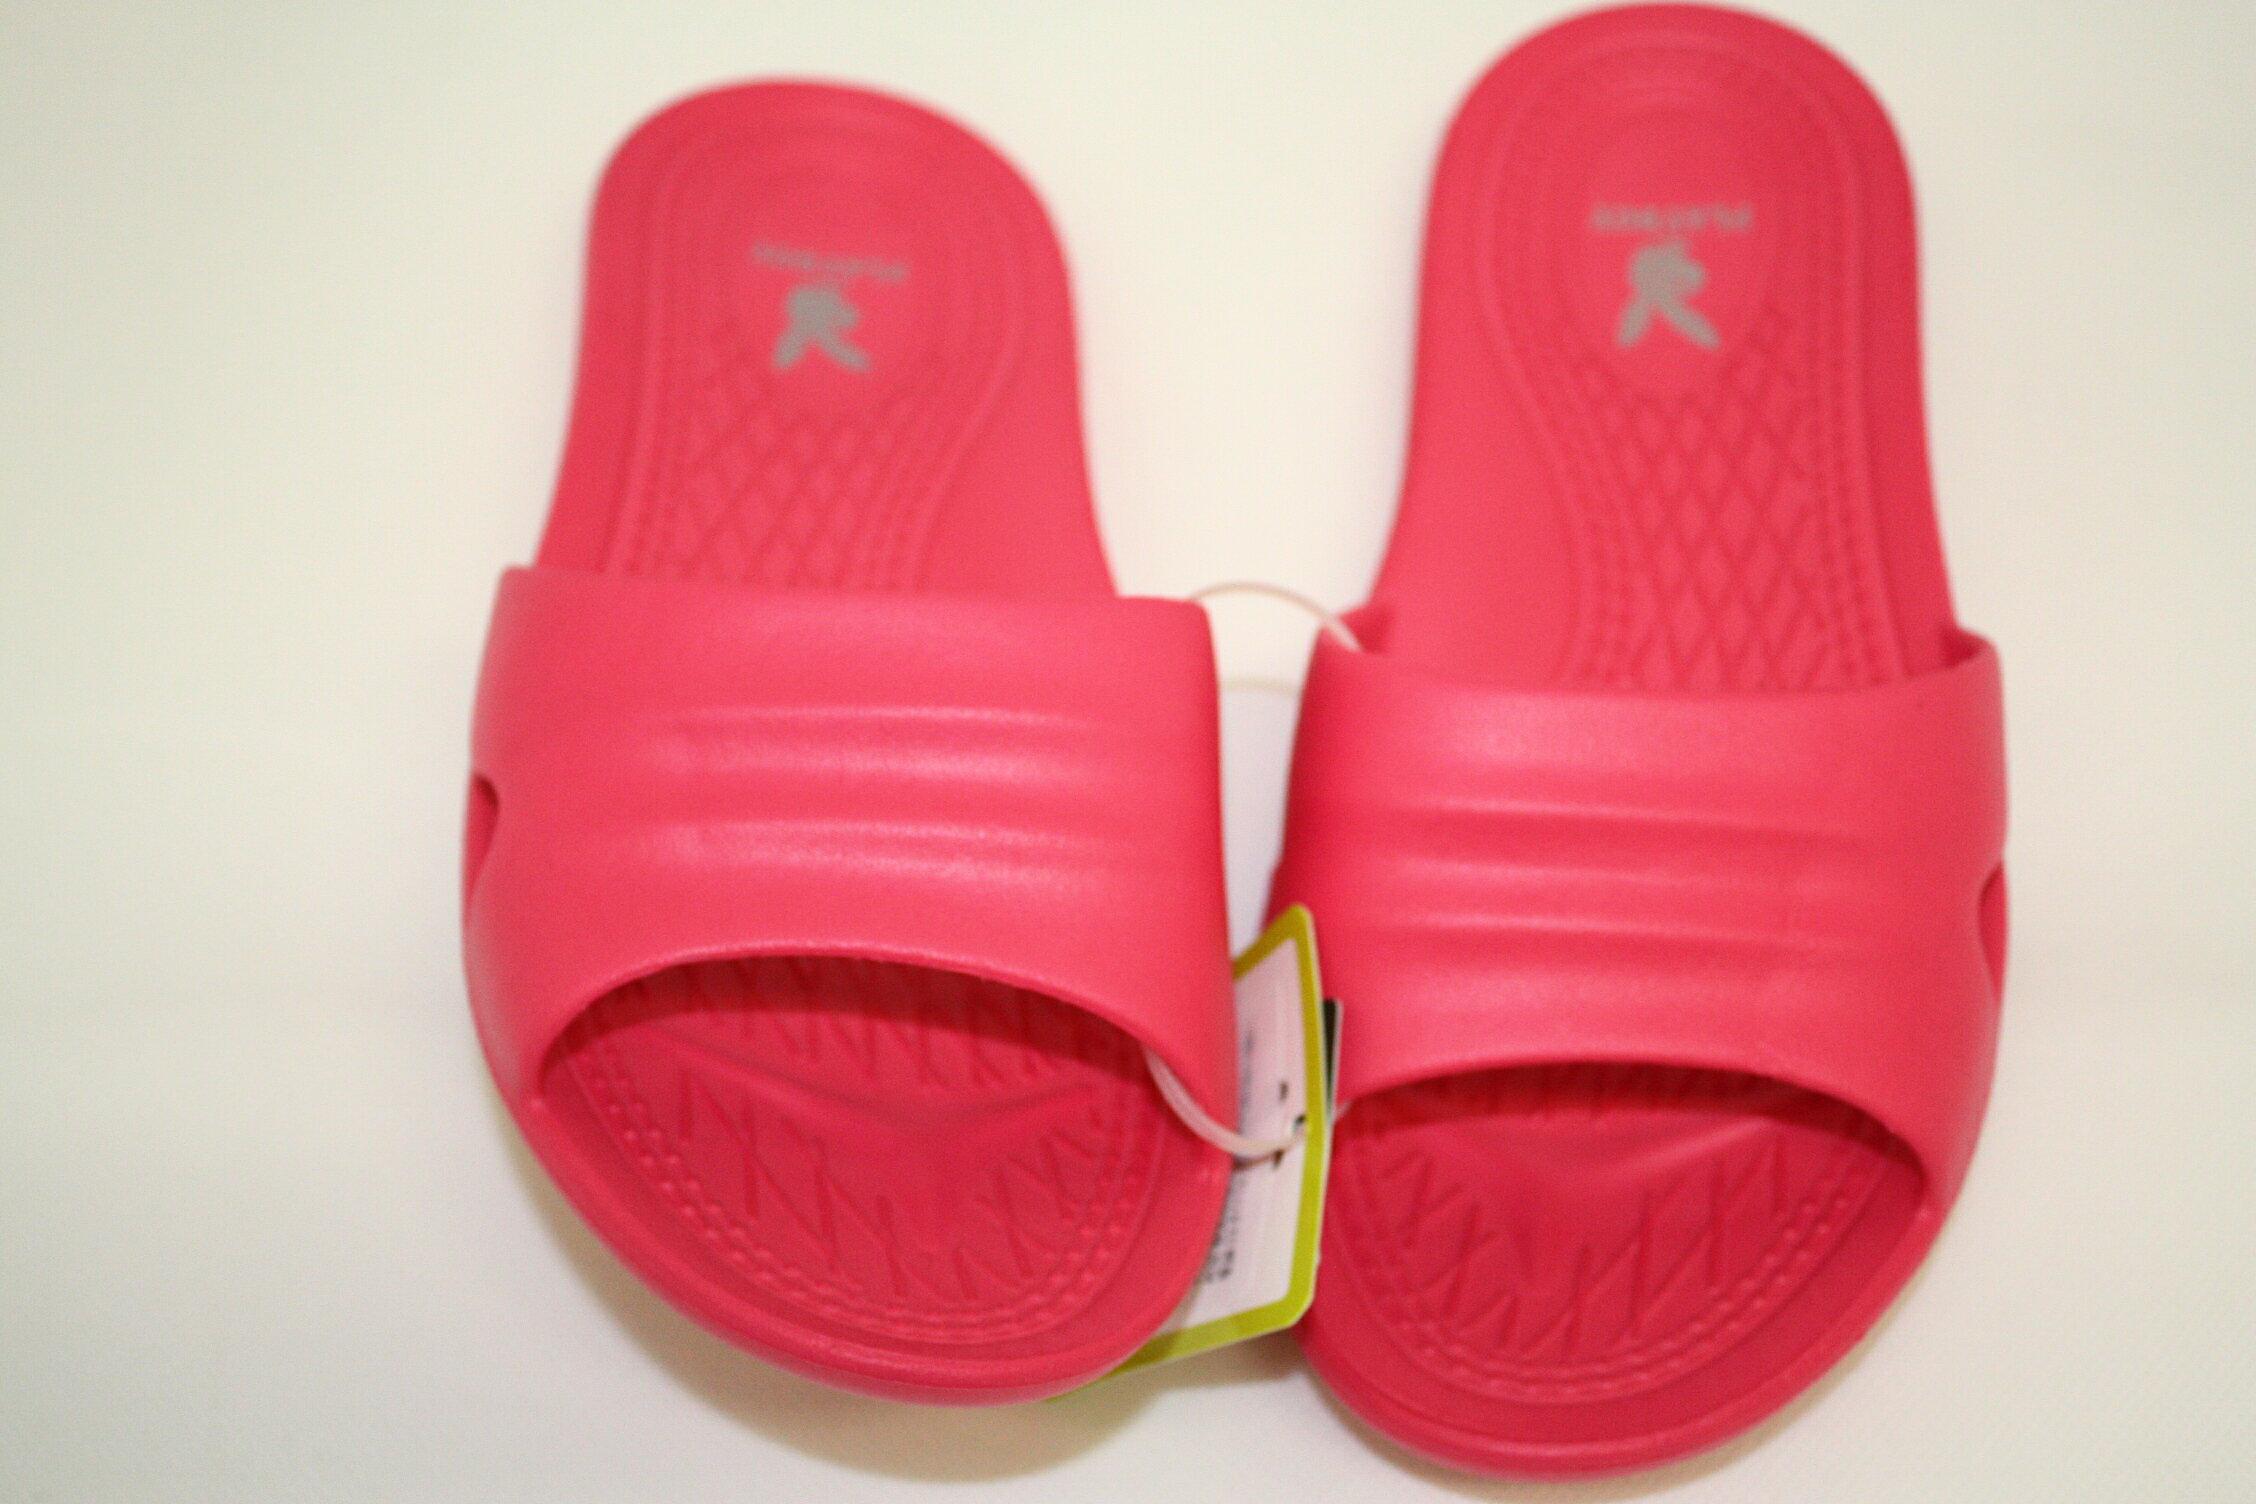 大賀屋 PLAYBOY 浴室拖鞋 防滑拖鞋 陽台拖鞋 輕量 室內 拖鞋 正版 T0001 195